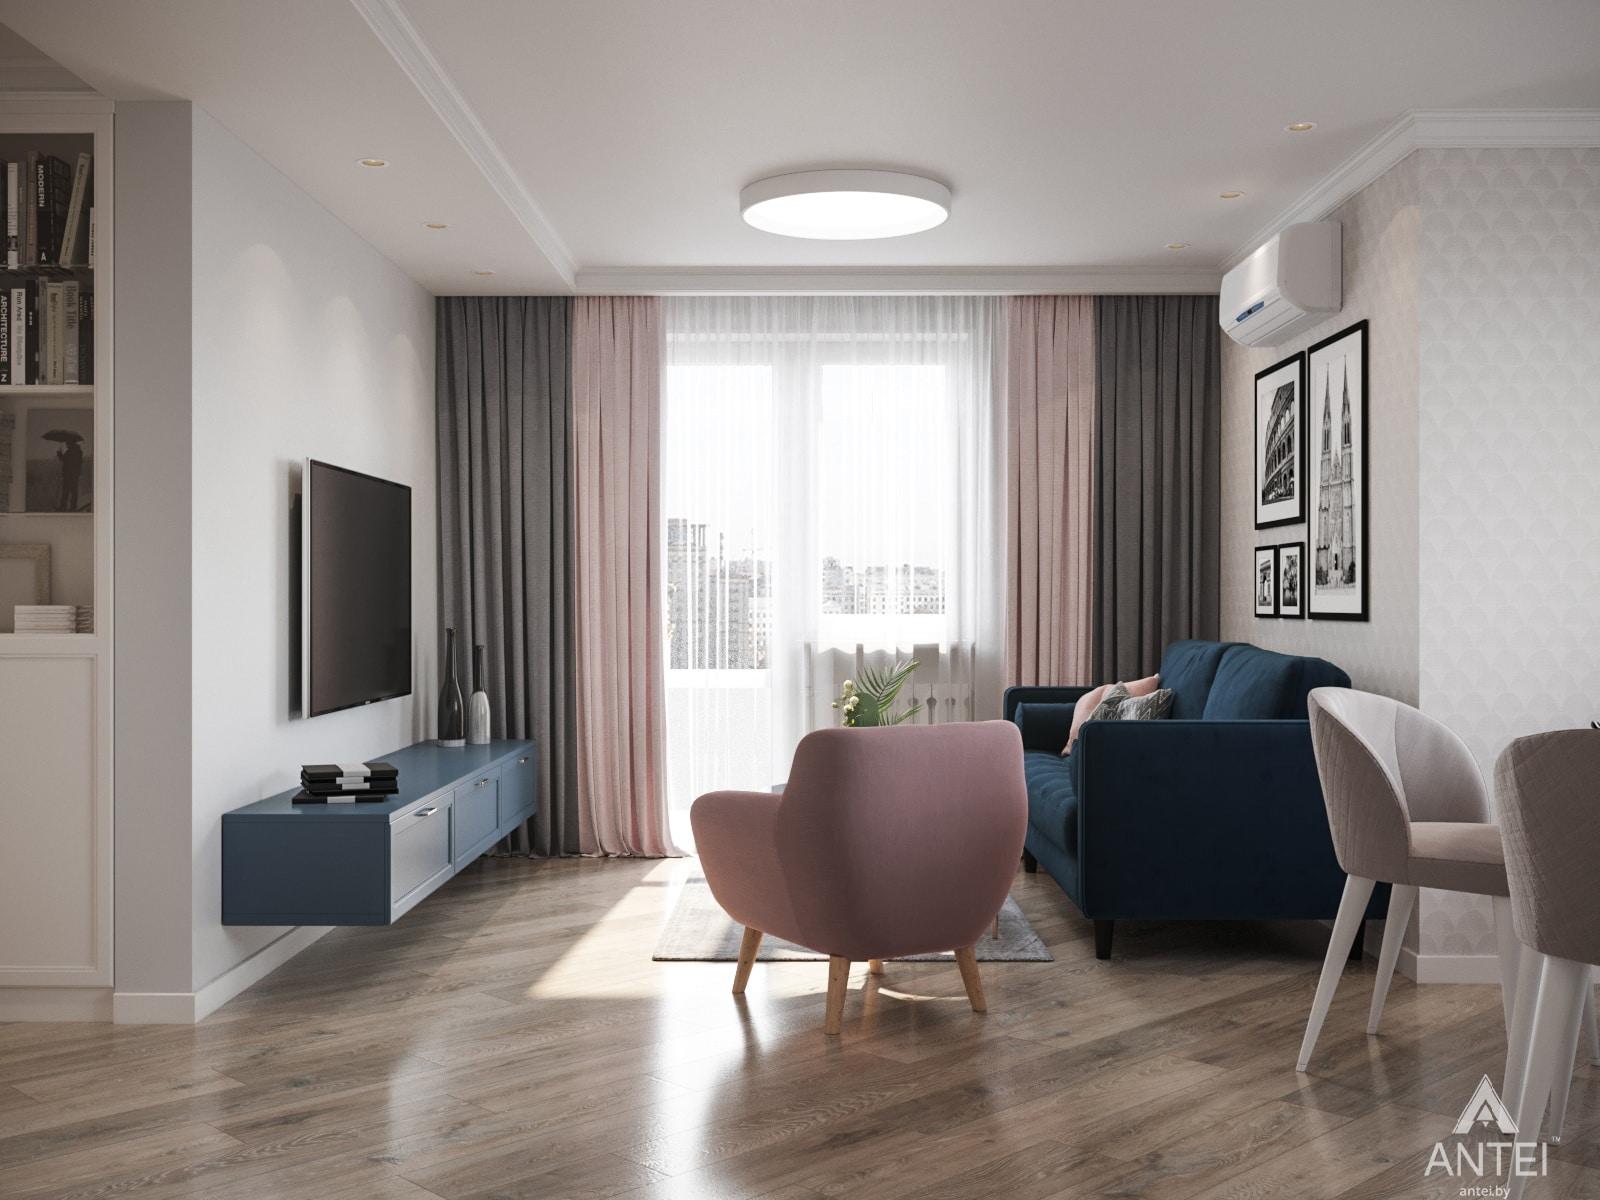 Дизайн интерьера трехкомнатной квартиры в Гомеле, ул. Бородина Т.С. - гостиная фото №2